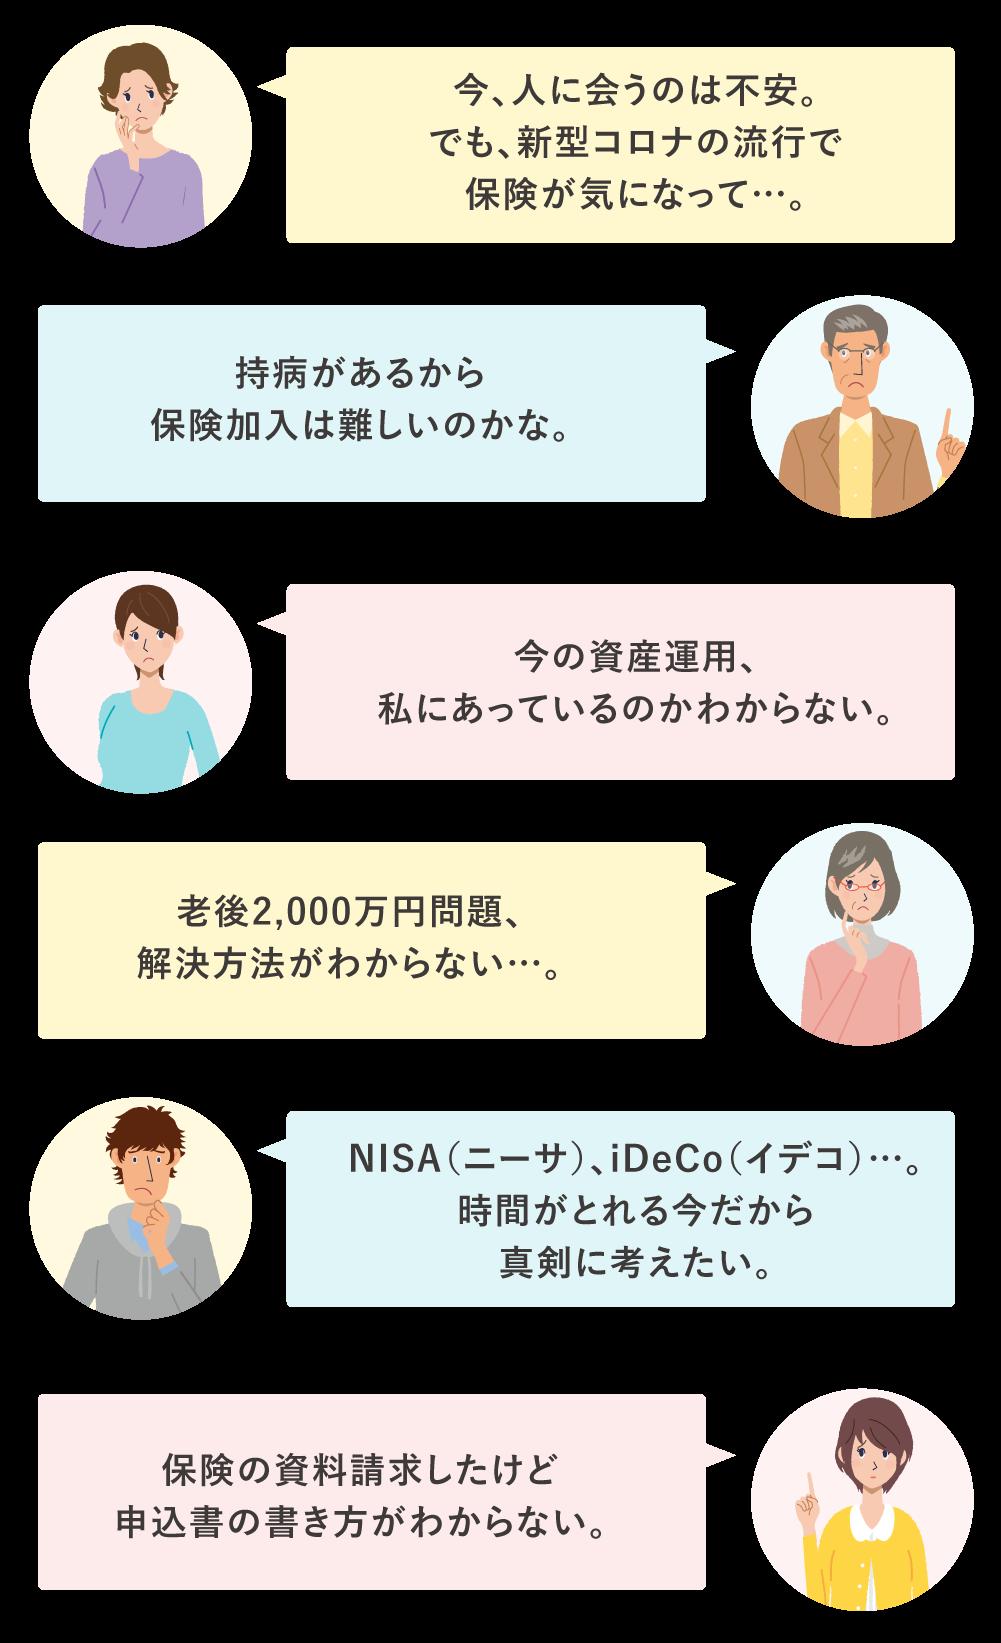 今、人に会うのは不安。 でも、新型コロナの流行で保険が気になって…。持病があるから保険加入は難しいのかな。今の資産運用、私にあっているのかわからない。老後2,000万円問題、解決方法がわからない…。NISA(ニーサ)、iDeCo(イデコ)…。 時間がとれる今だから真剣に考えたい。保険の資料請求したけど 申込書の書き方がわからない。